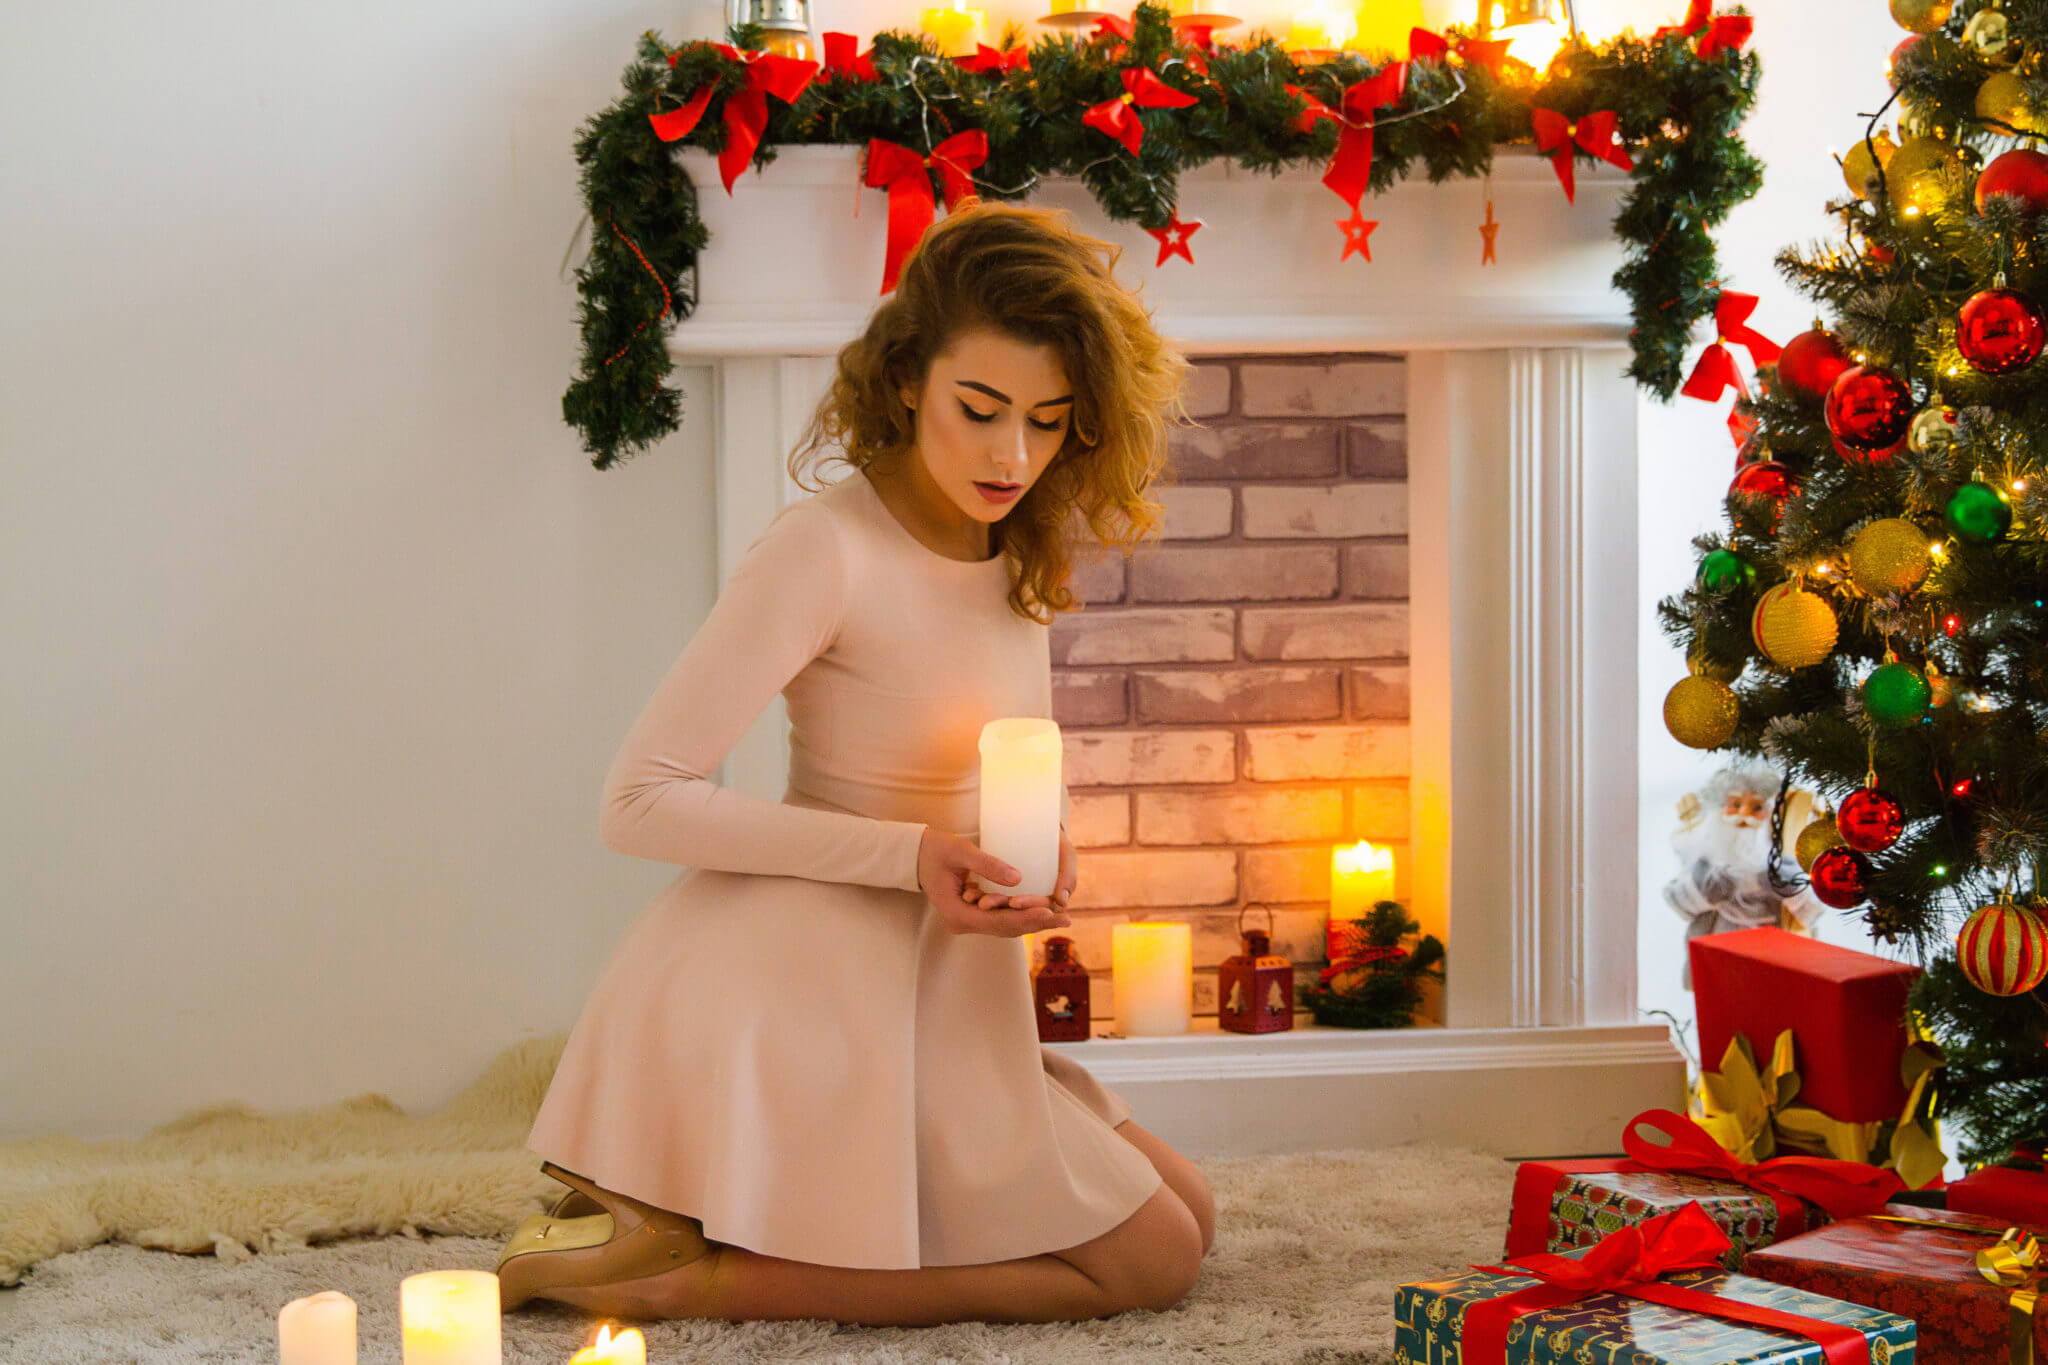 Новогодняя фотосессия, молодая девушка в платье на фоне камина и новогодней елки с зажженной свечой в руках